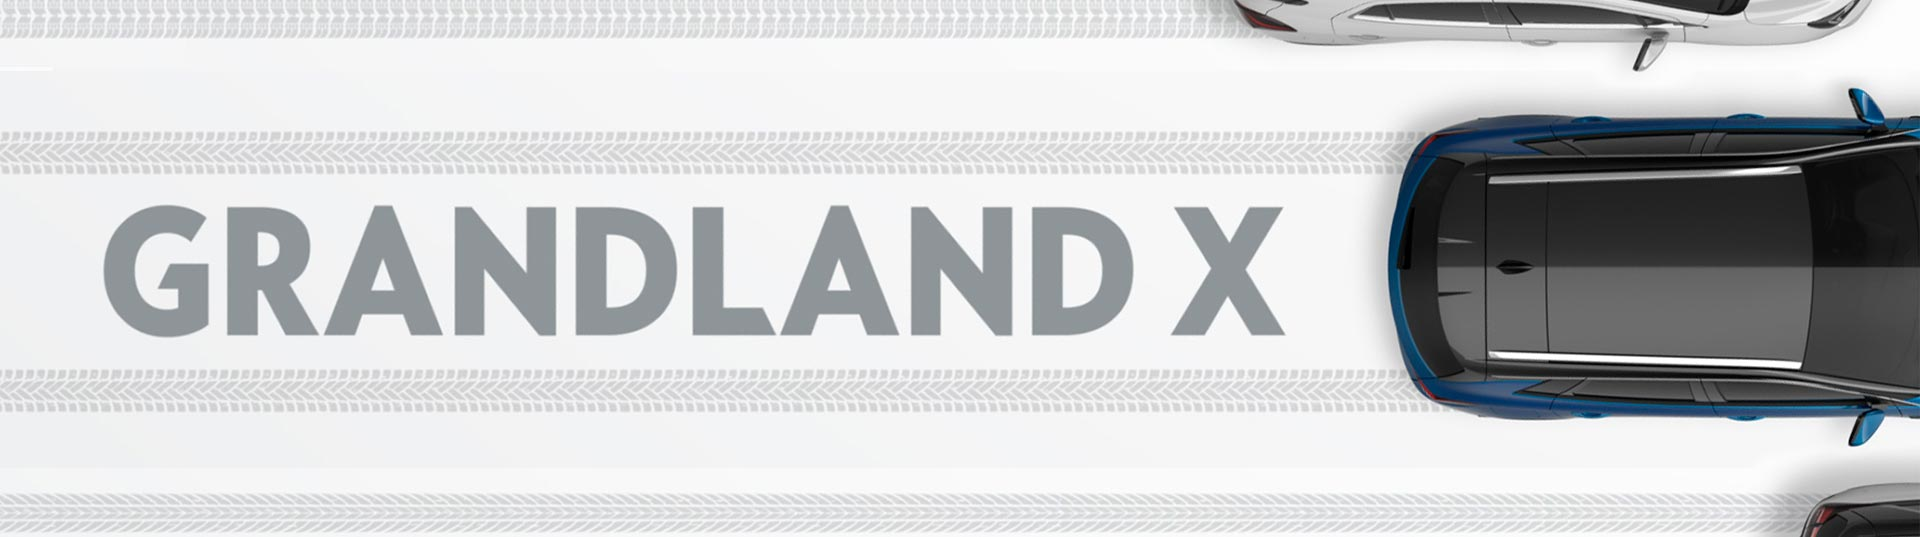 Opel Grandland XL